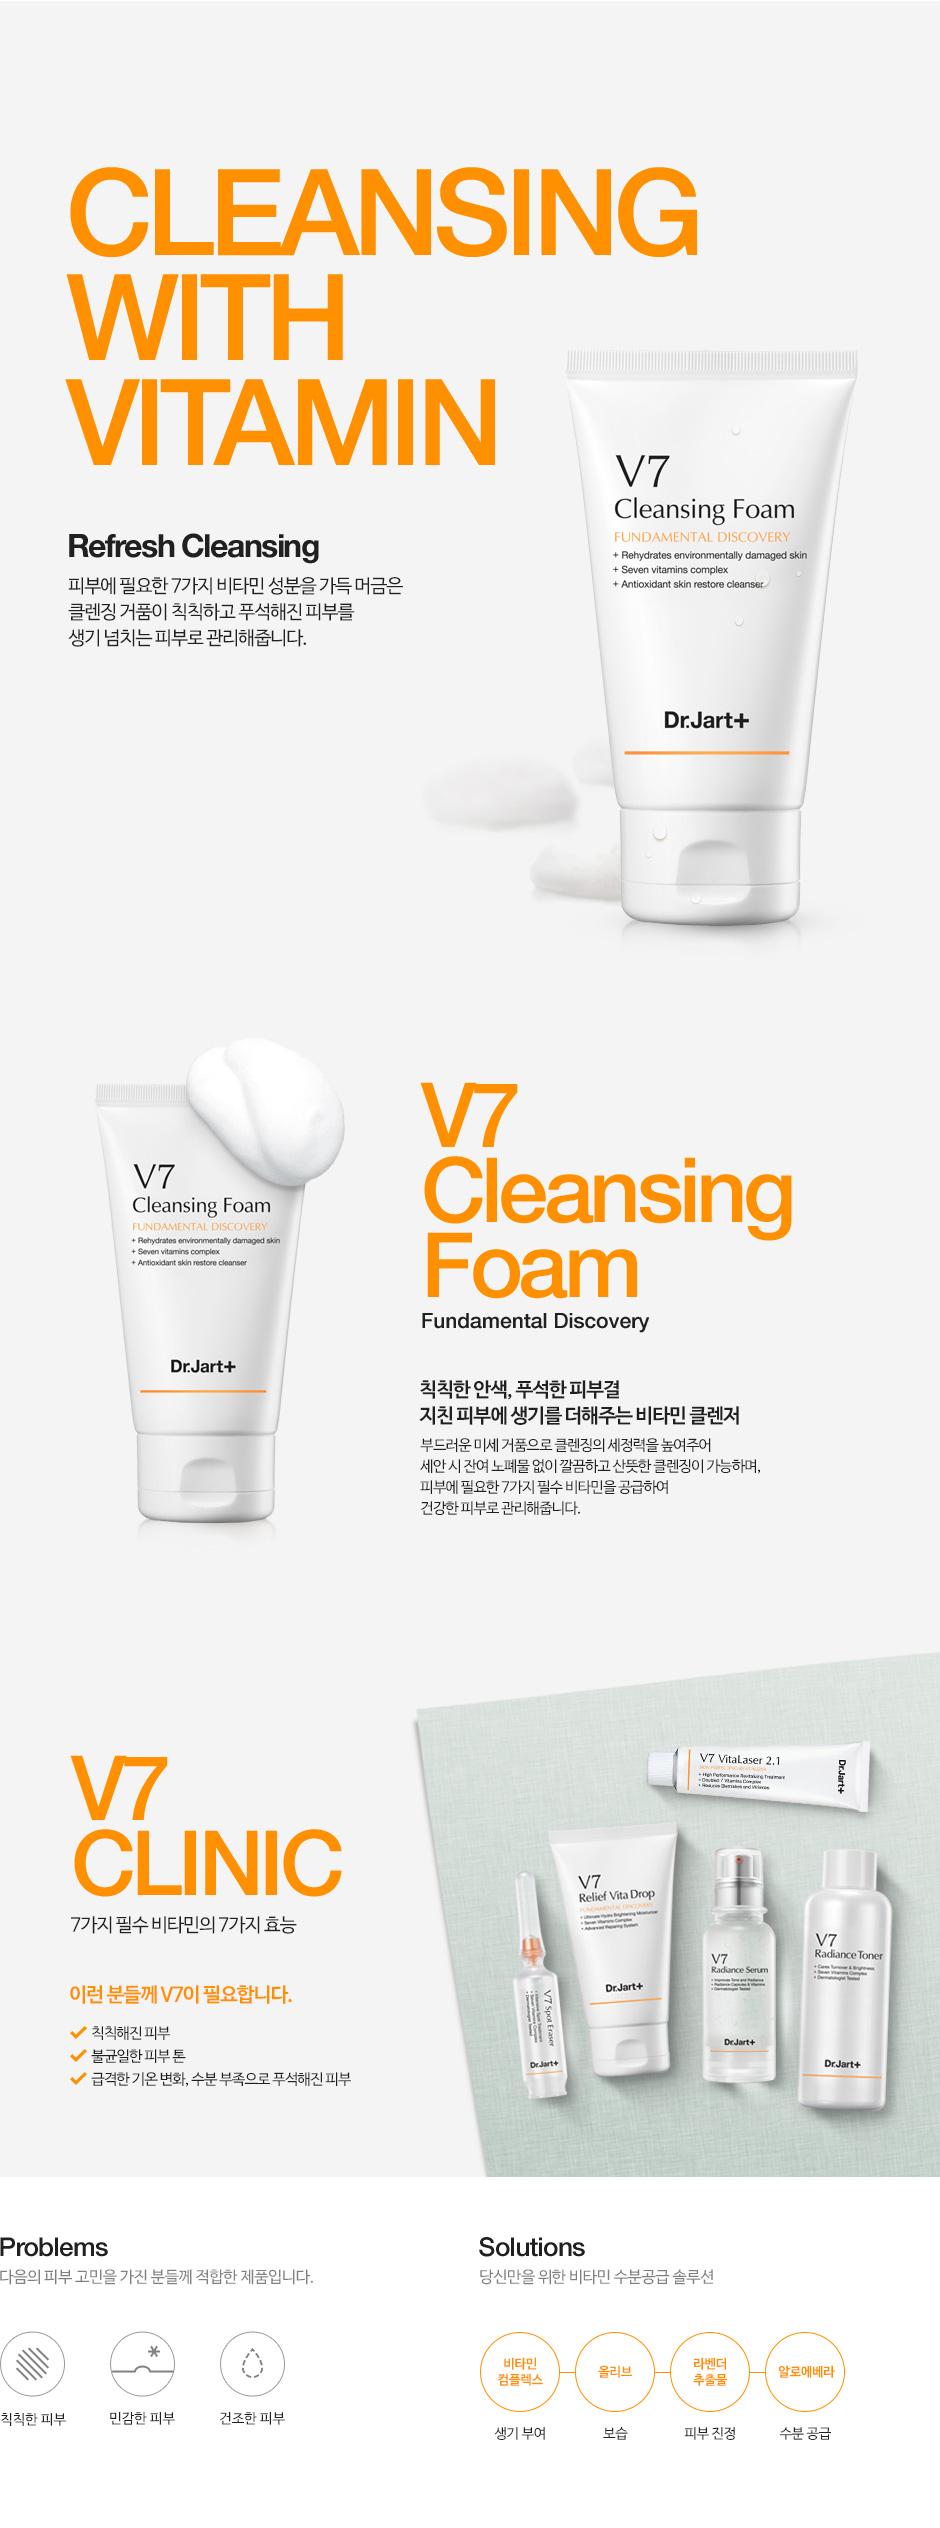 v7_cleansingfoam_940.jpg